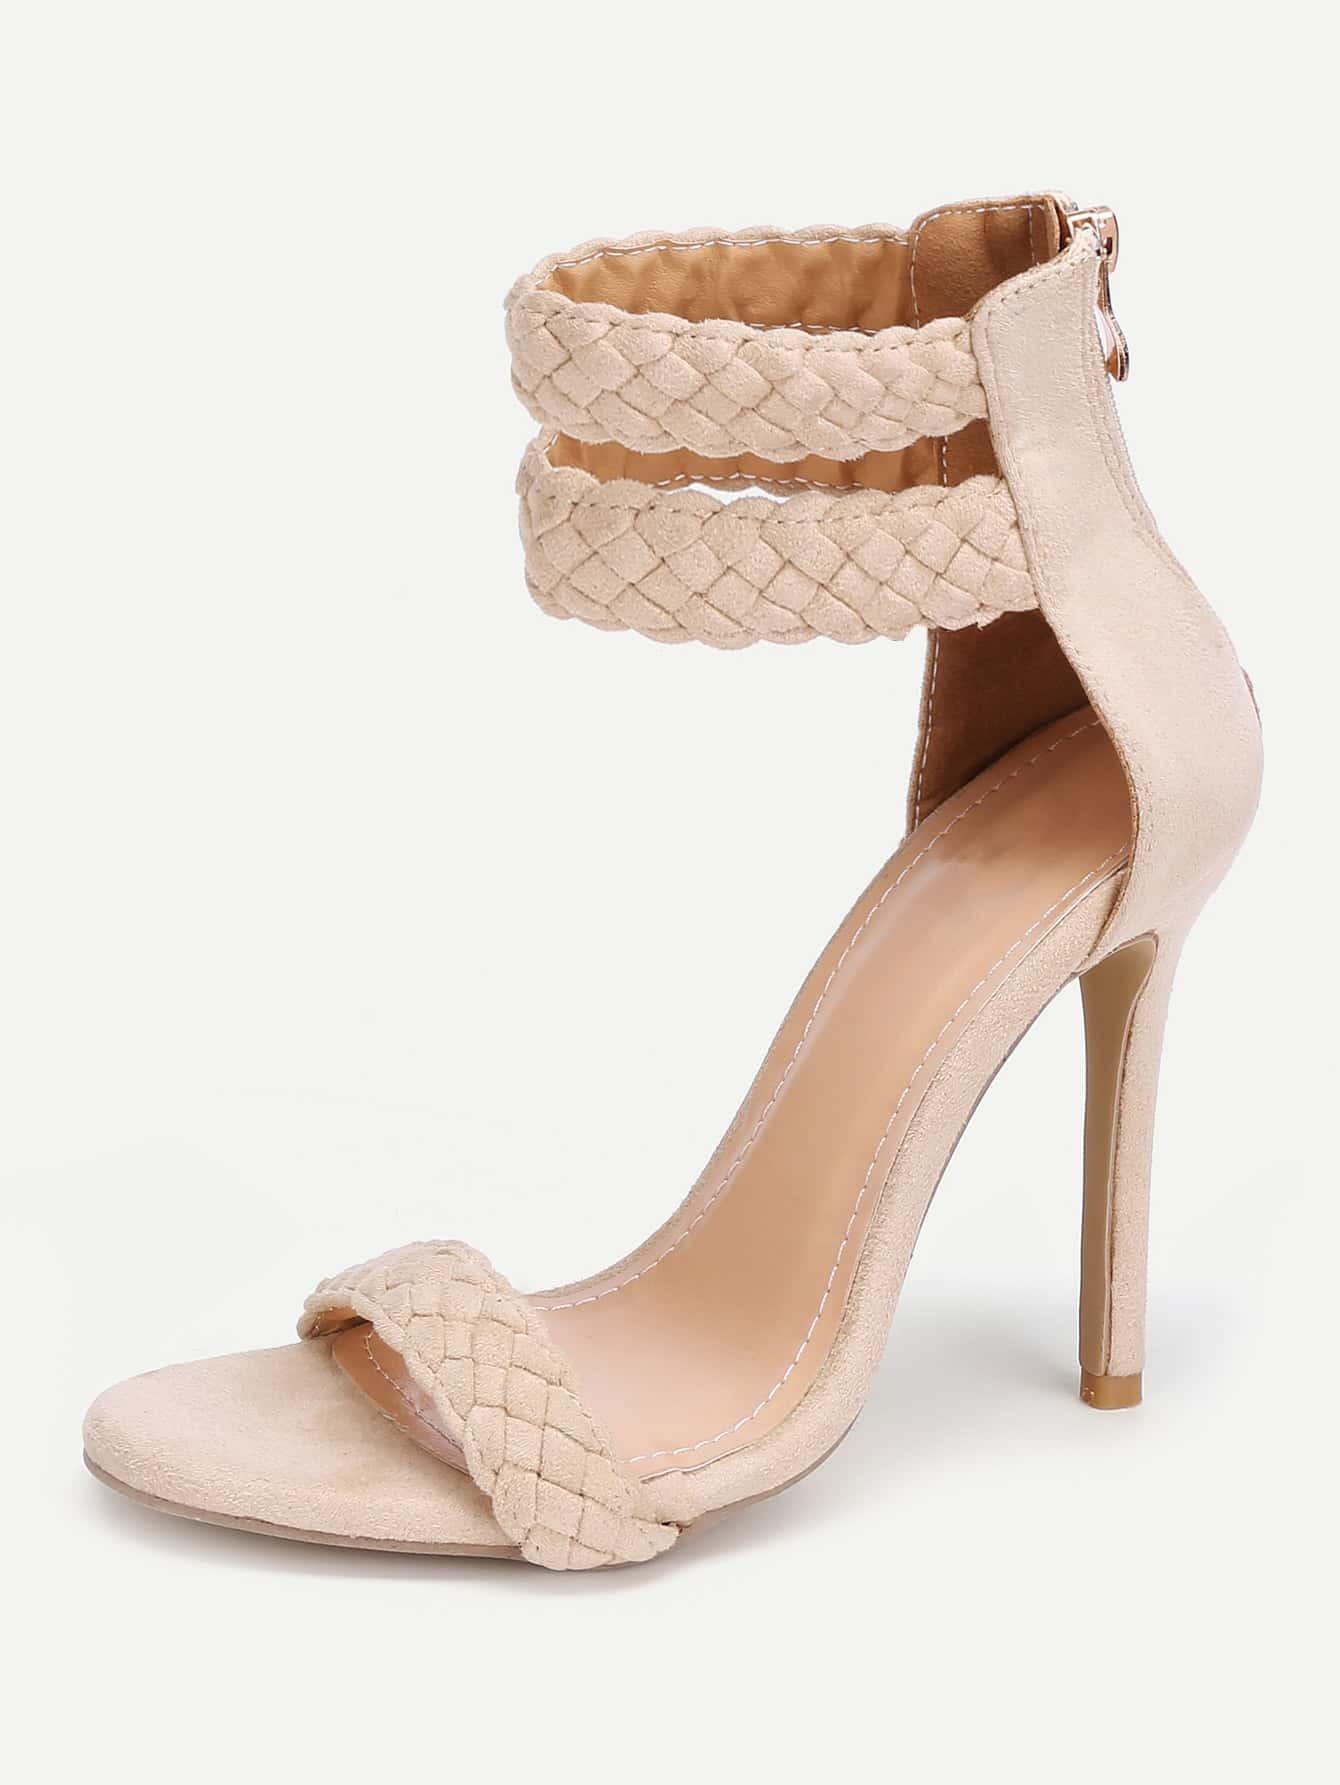 Sandales talons avec zip derri re french romwe for Acheter maison suede